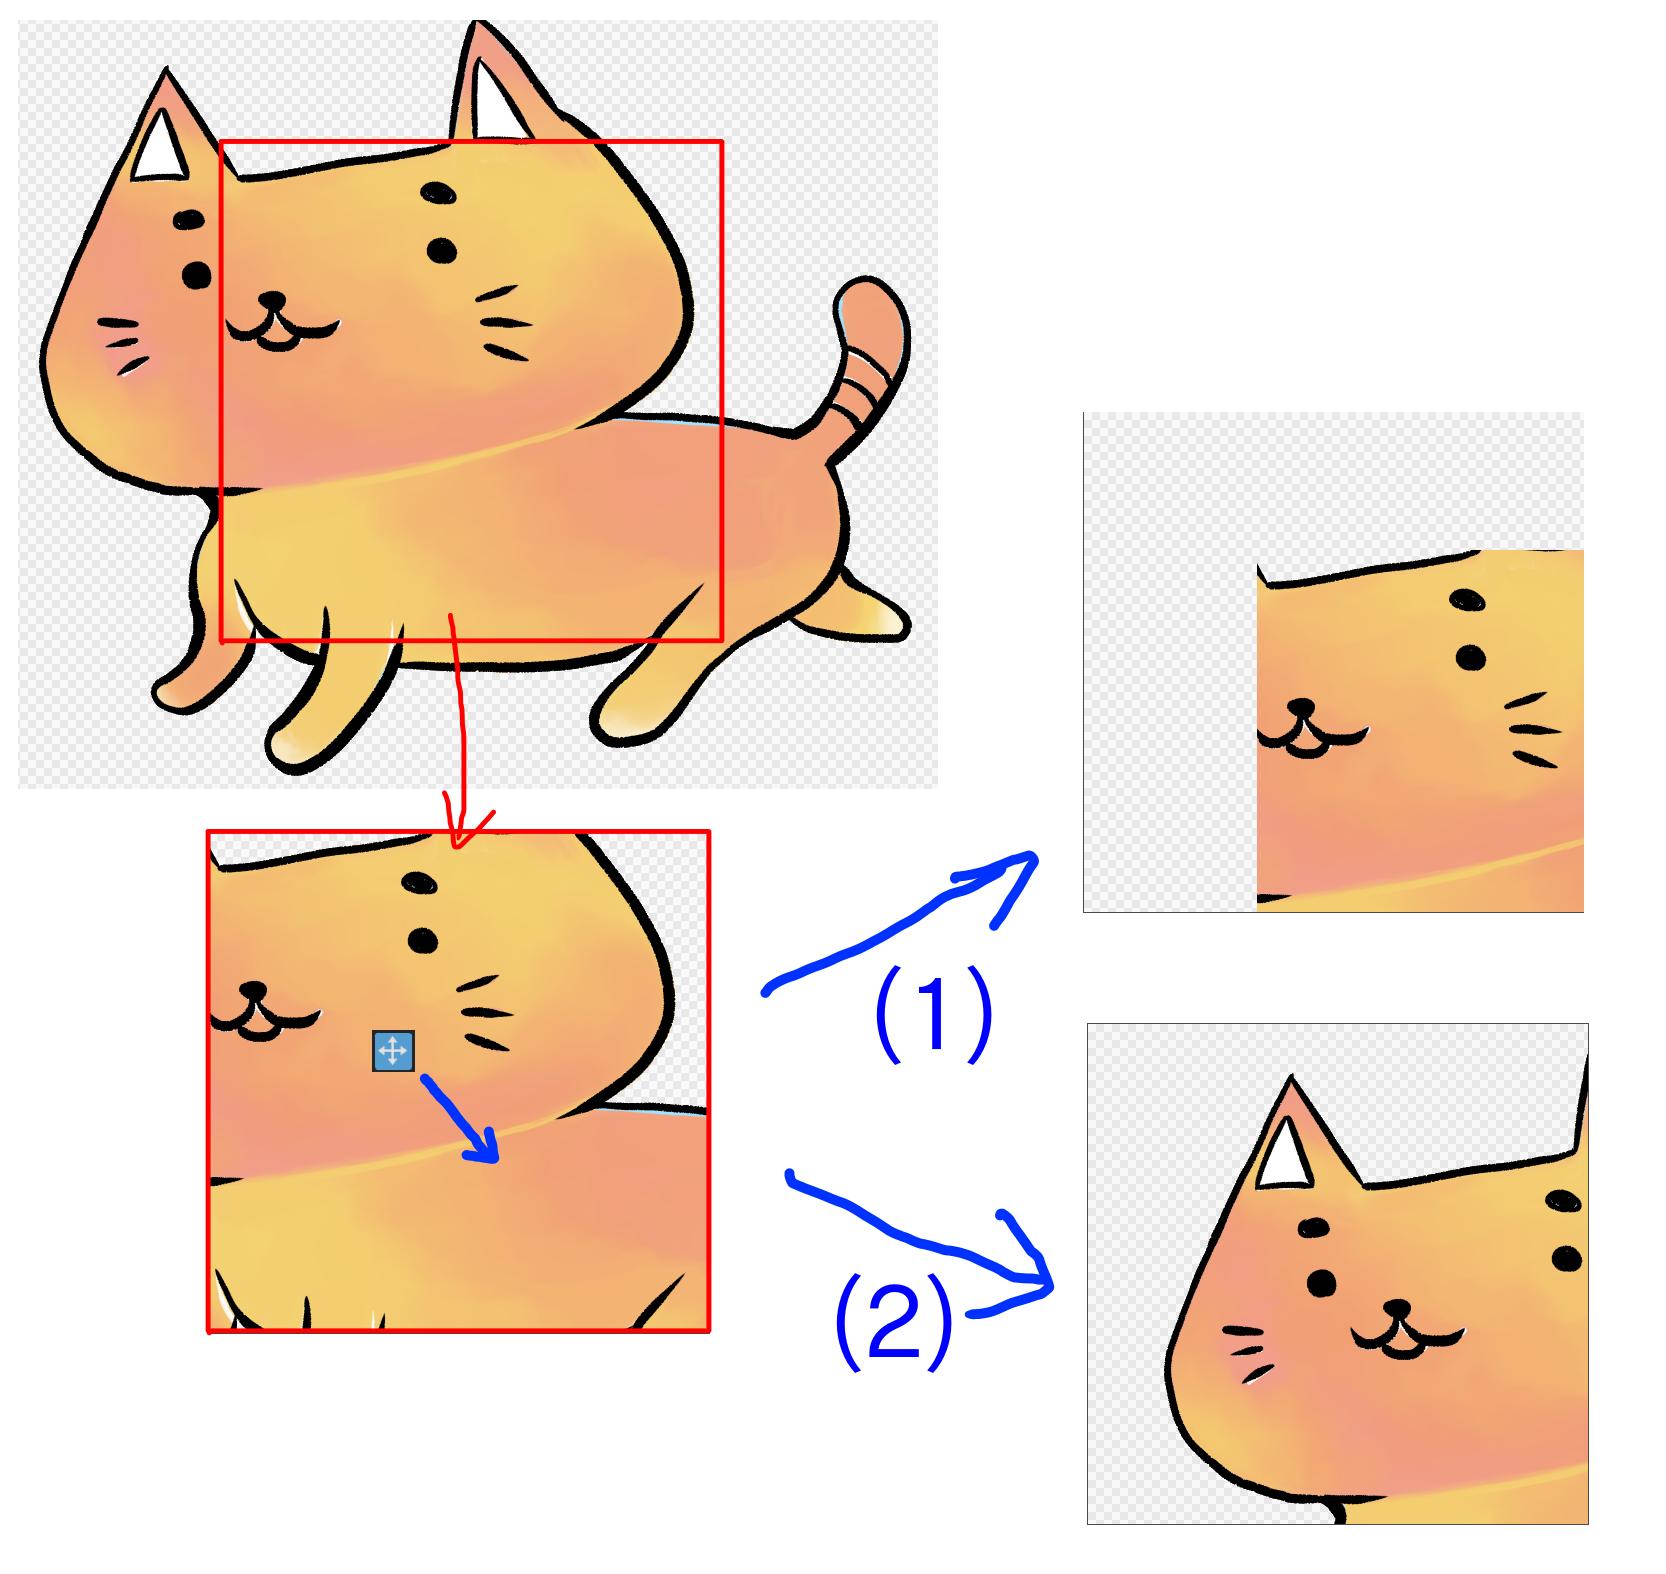 Diferencia al moverse hacia la derecha inferior después de cambiar el tamaño del lienzo